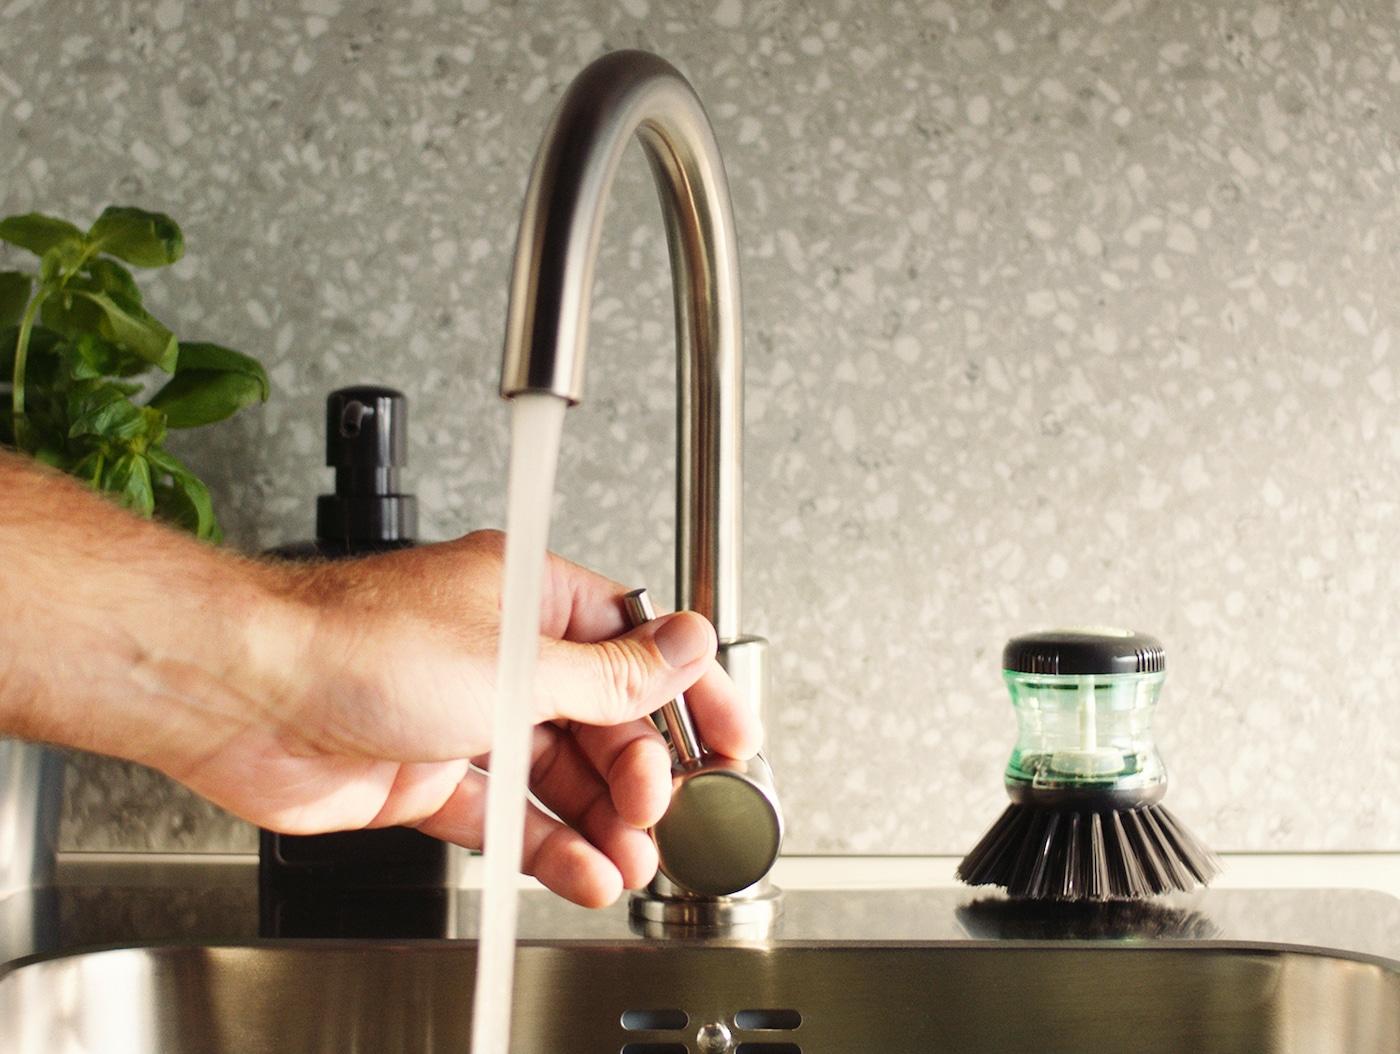 En hånd tilpasser vandstrømmen fra et GLYPEN blandingsbatteri af rustfrit stål til køkkenet ved siden af en TÅRTSMET opvaskebørste.